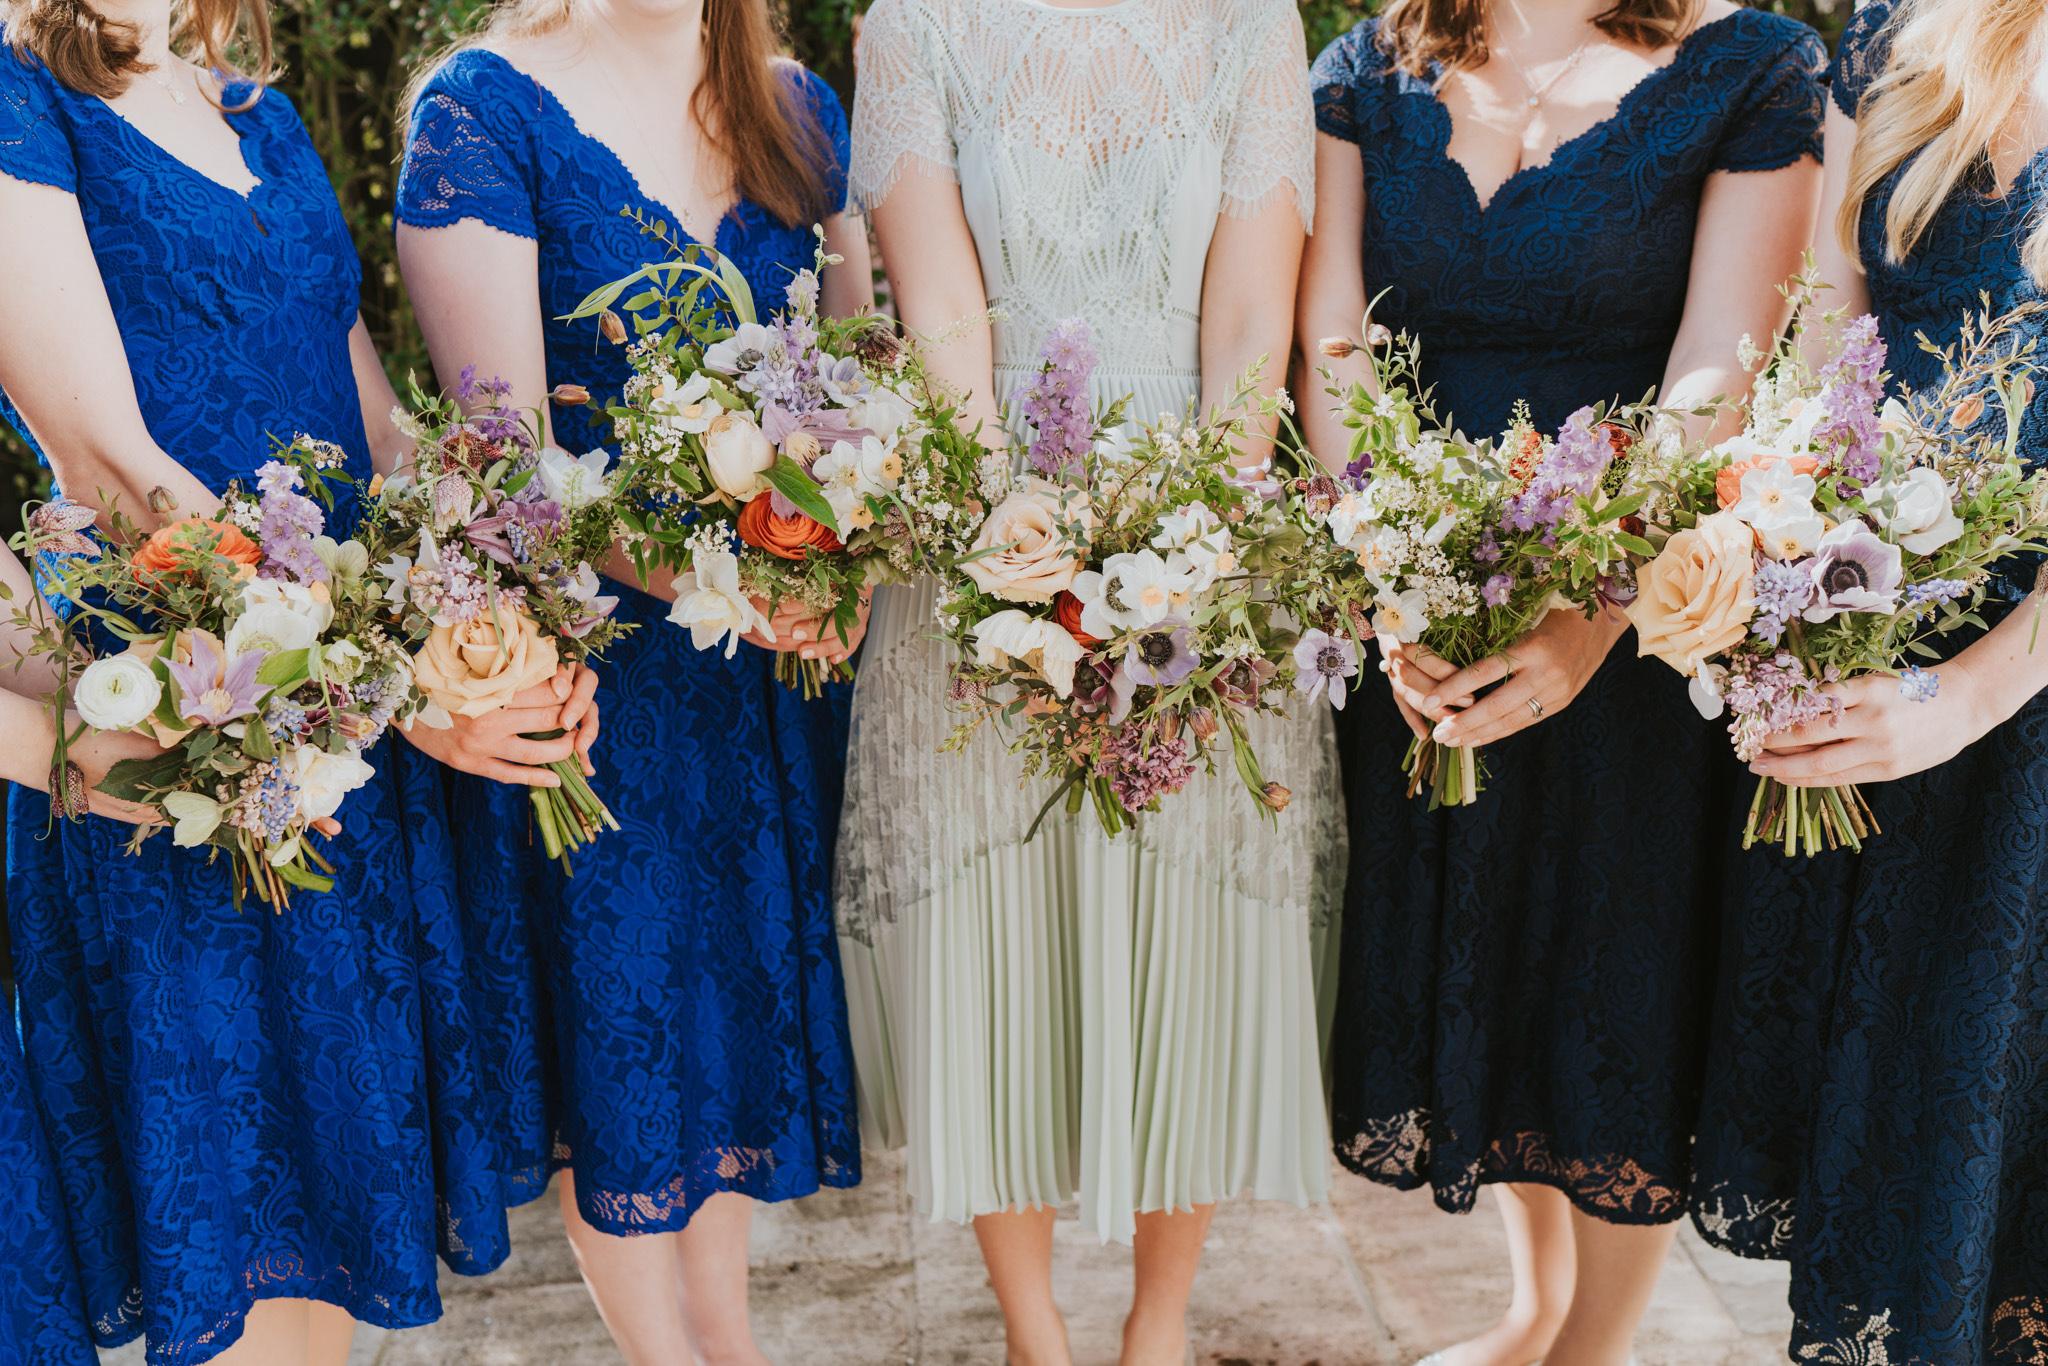 grace-elizabeth-essex-wedding-photographer-best-2018-highlights-norfolk-essex-devon-suffolk (19 of 100).jpg